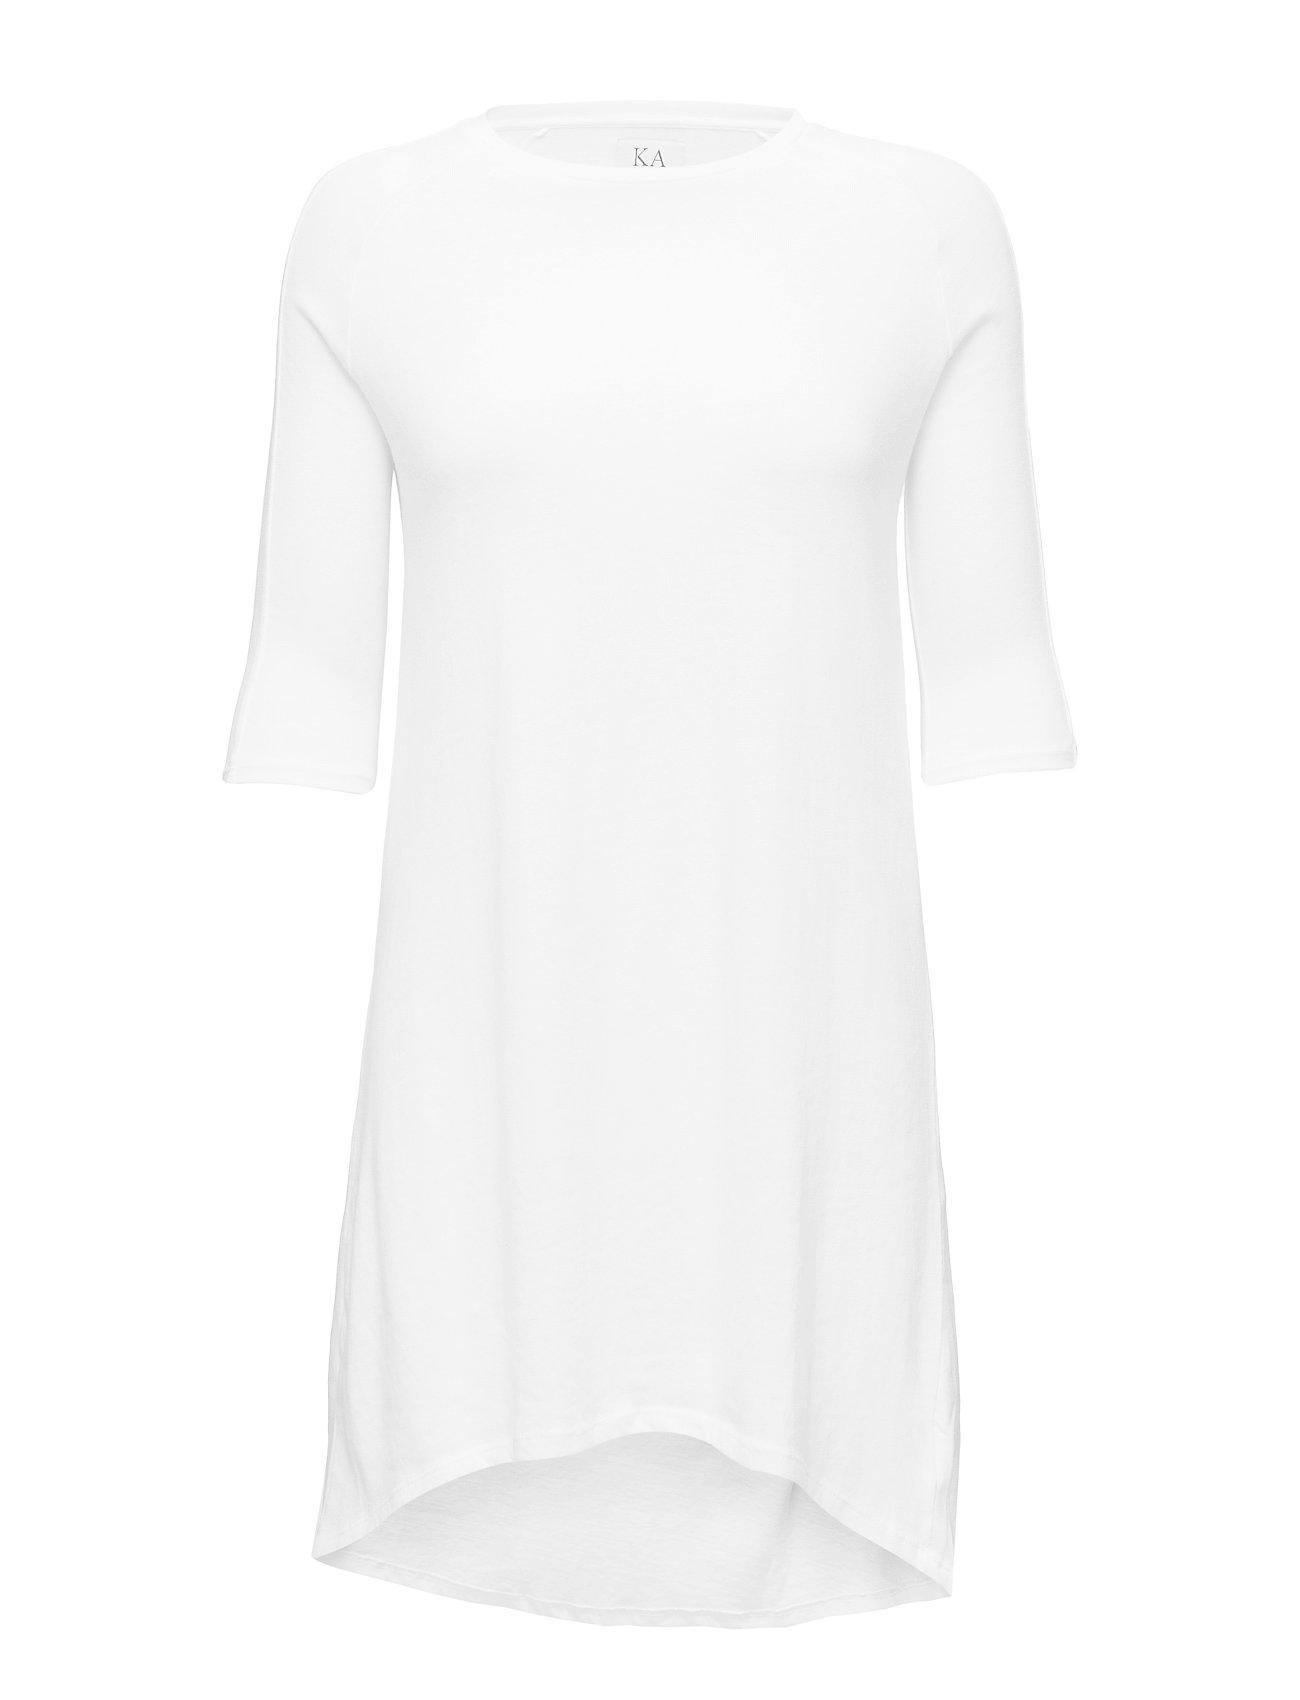 Zoe Karssen A-LINE RAGLAN DRESS - OPTICAL WHITE